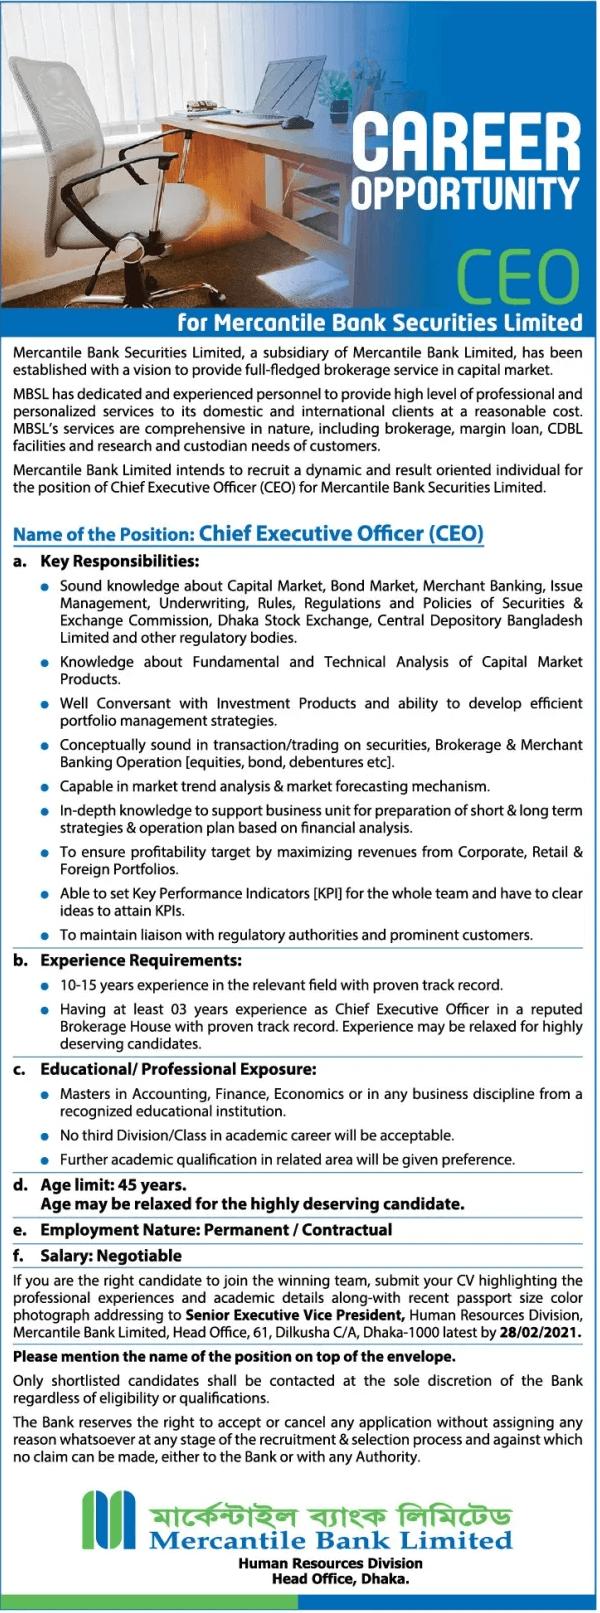 Mercantile Bank Ltd Job Circular 2021